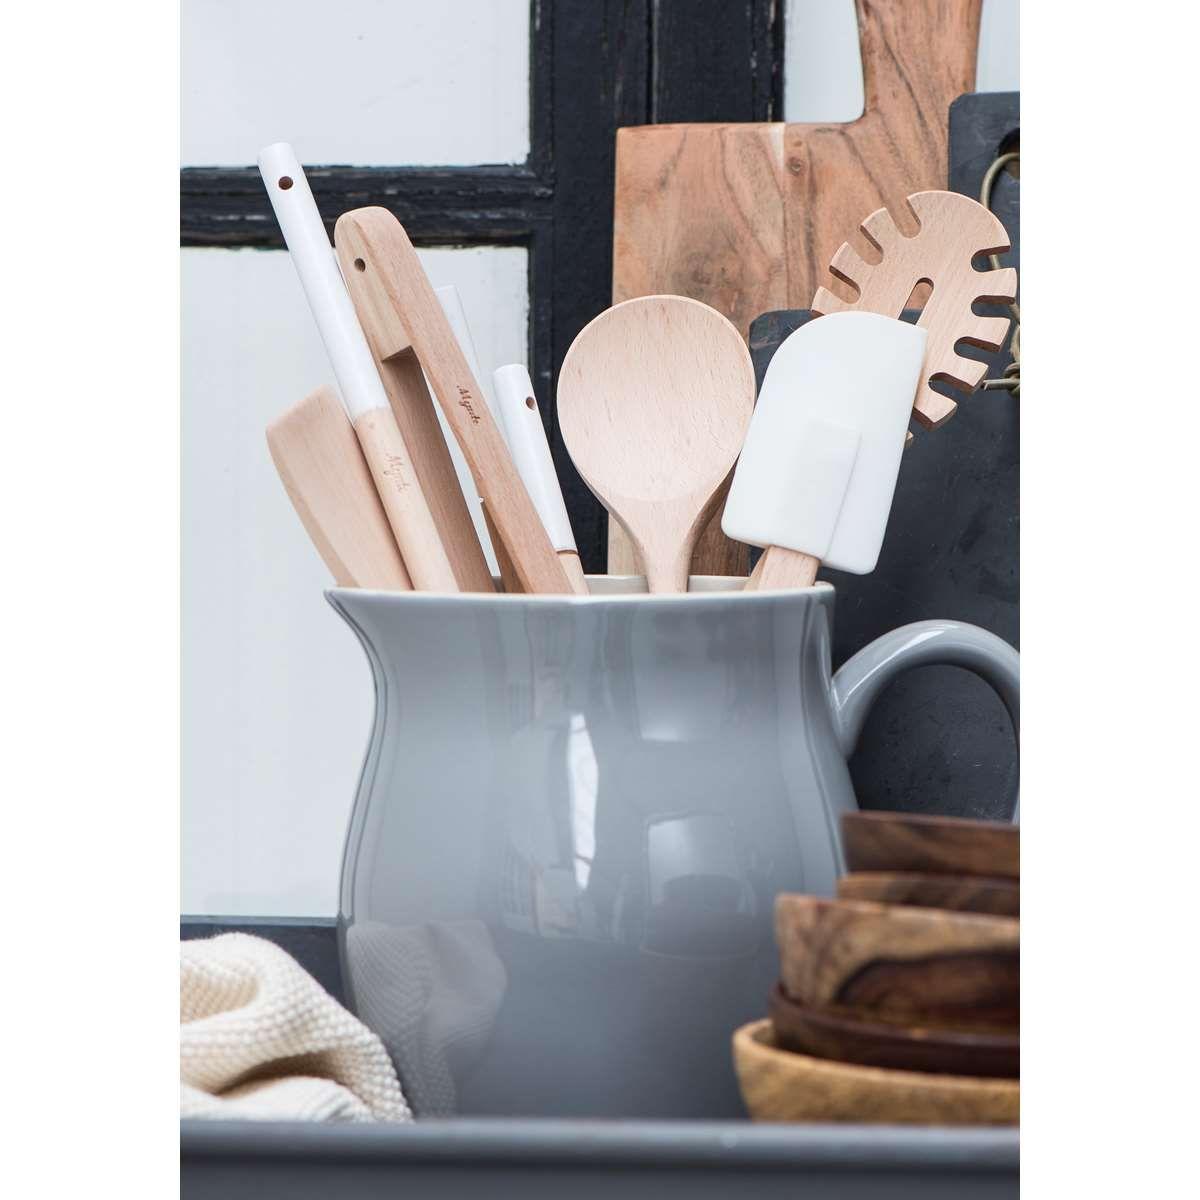 Küche Aufbewahrung keramikkrug als dekoelement dekoration küche aufbewahrung grau